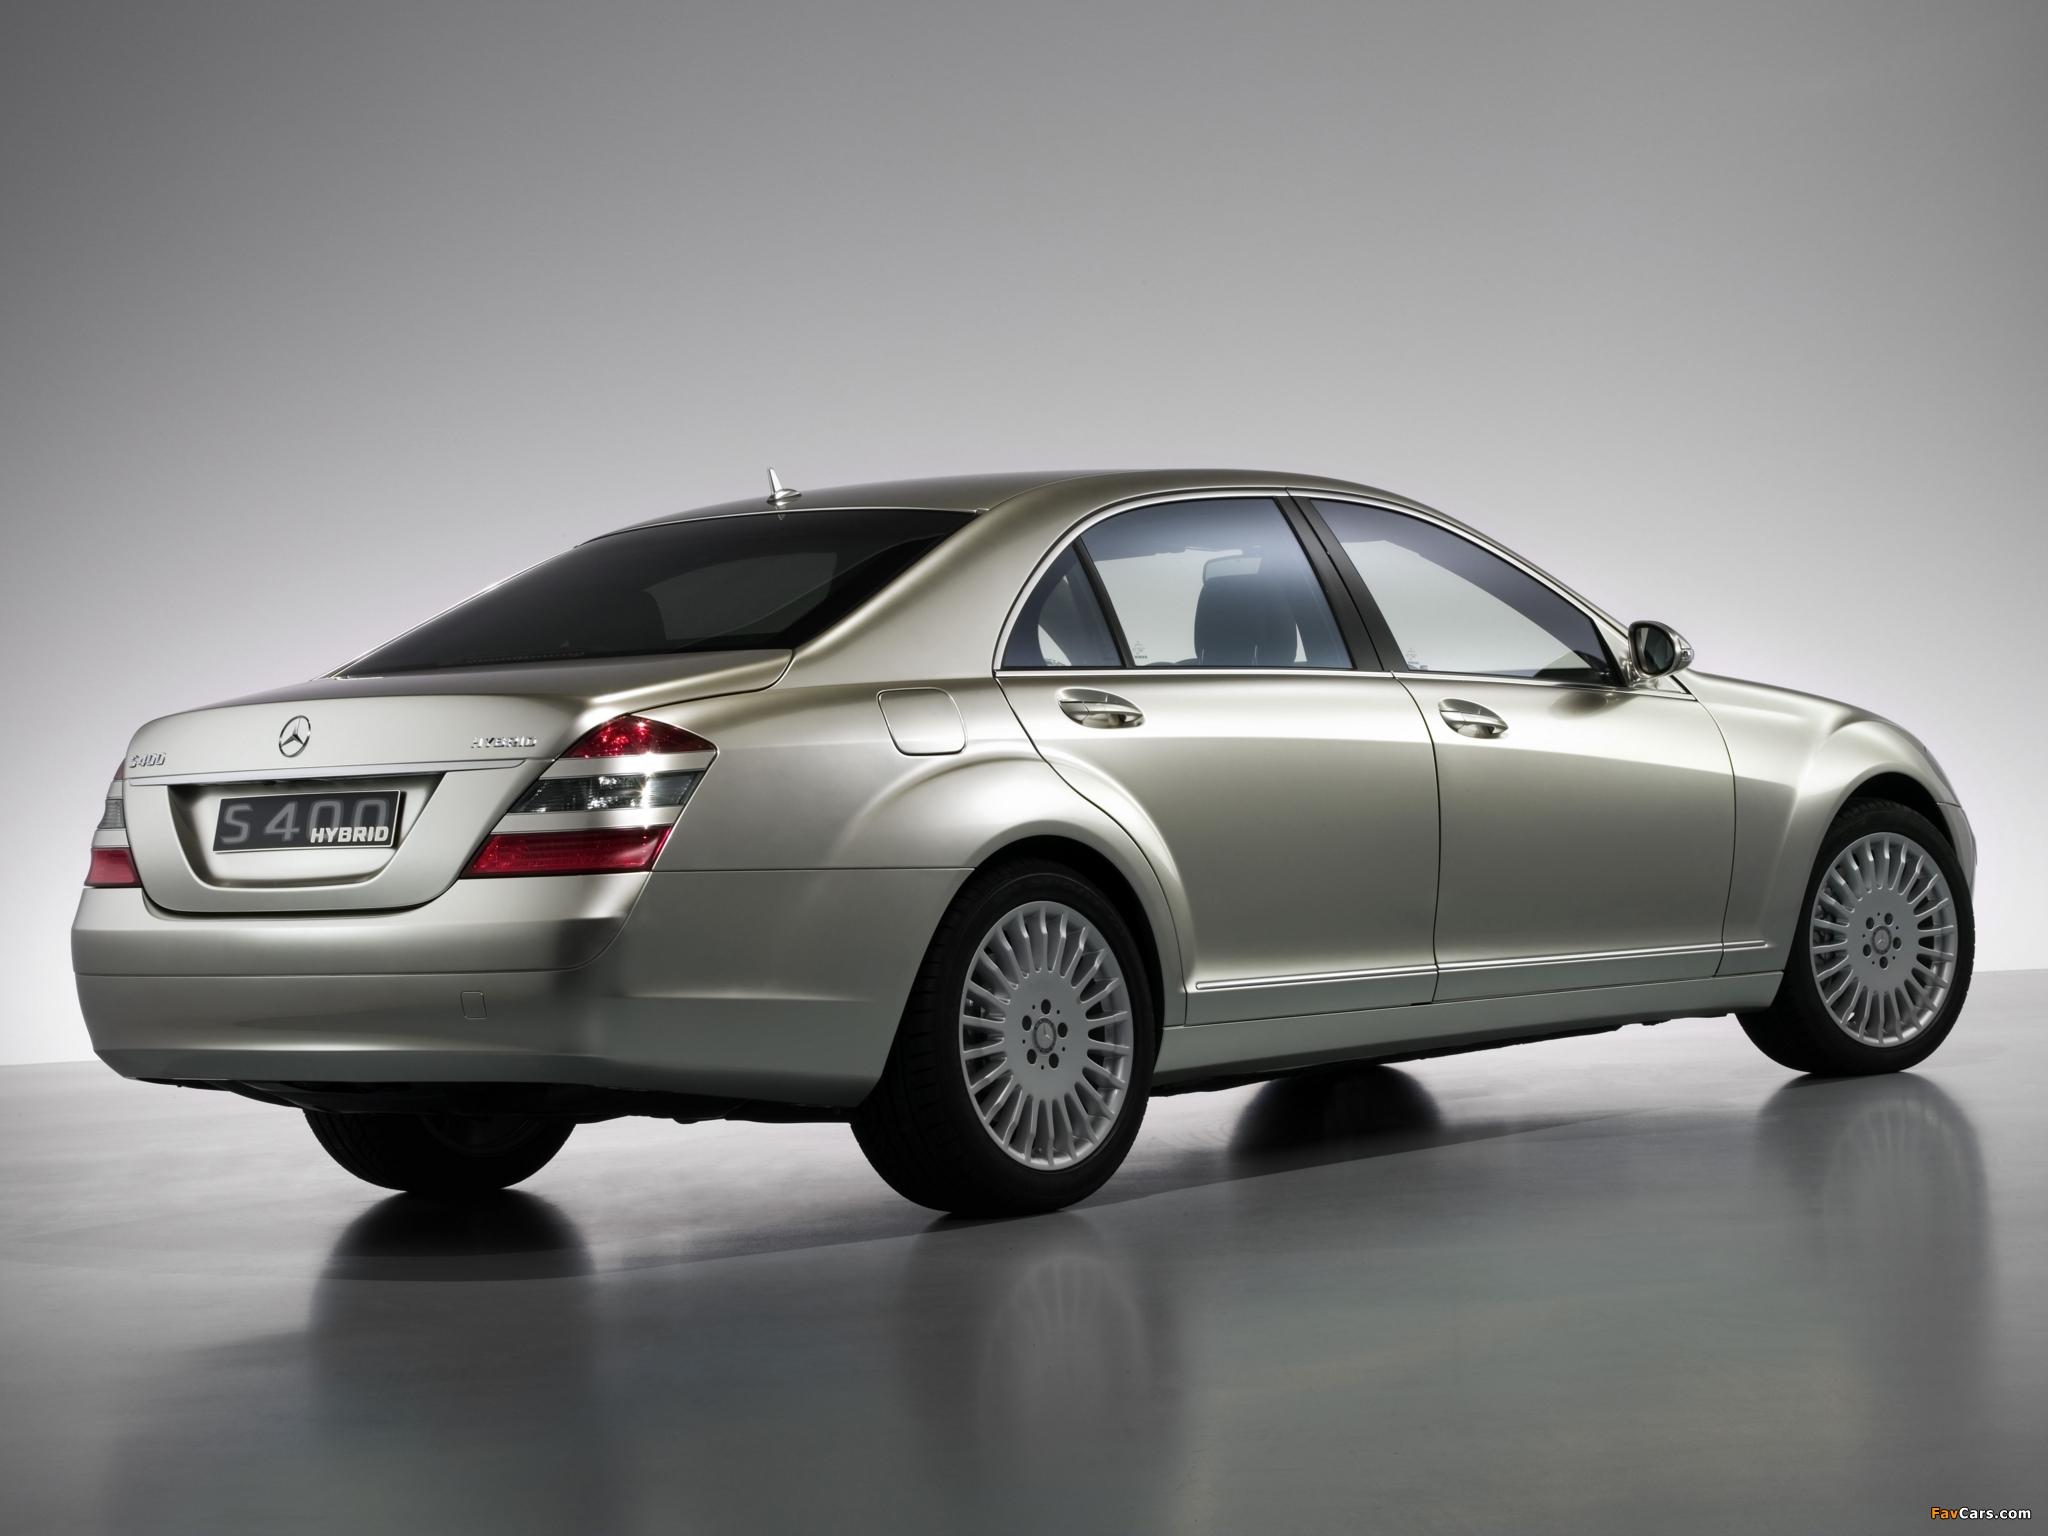 Mercedes-Benz S 400 Hybrid Concept (W221) 2009 photos (2048 x 1536)